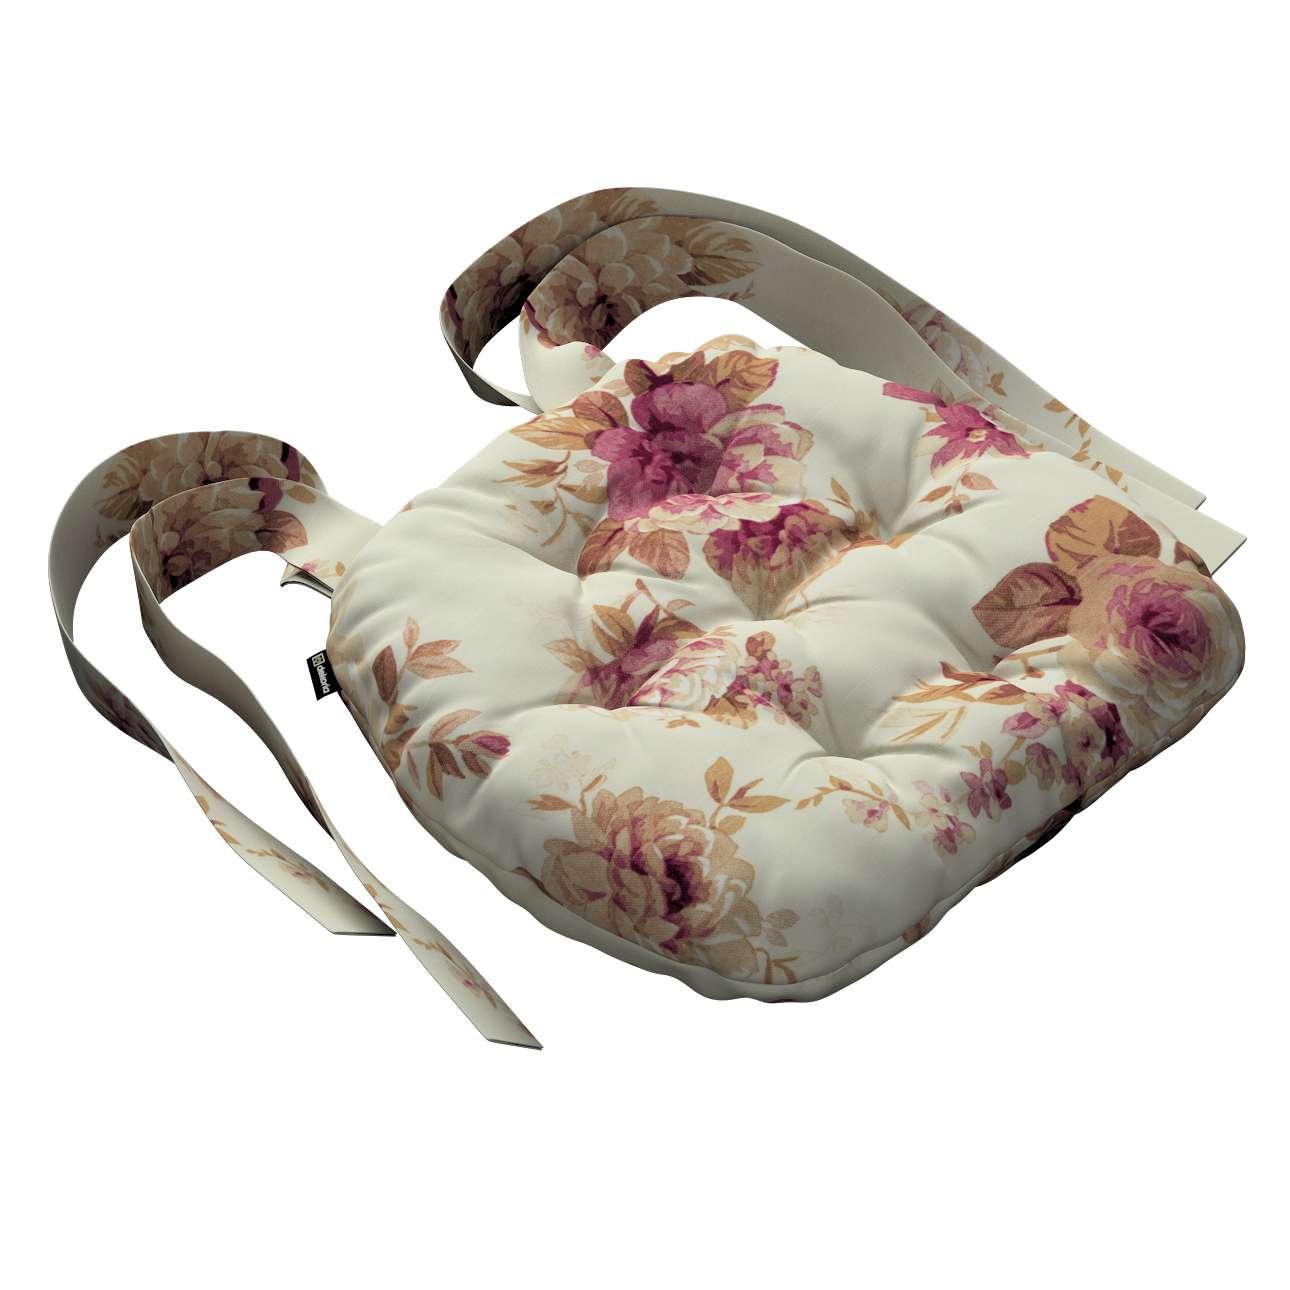 Siedzisko Marcin na krzesło 40x37x8cm w kolekcji Mirella, tkanina: 141-06